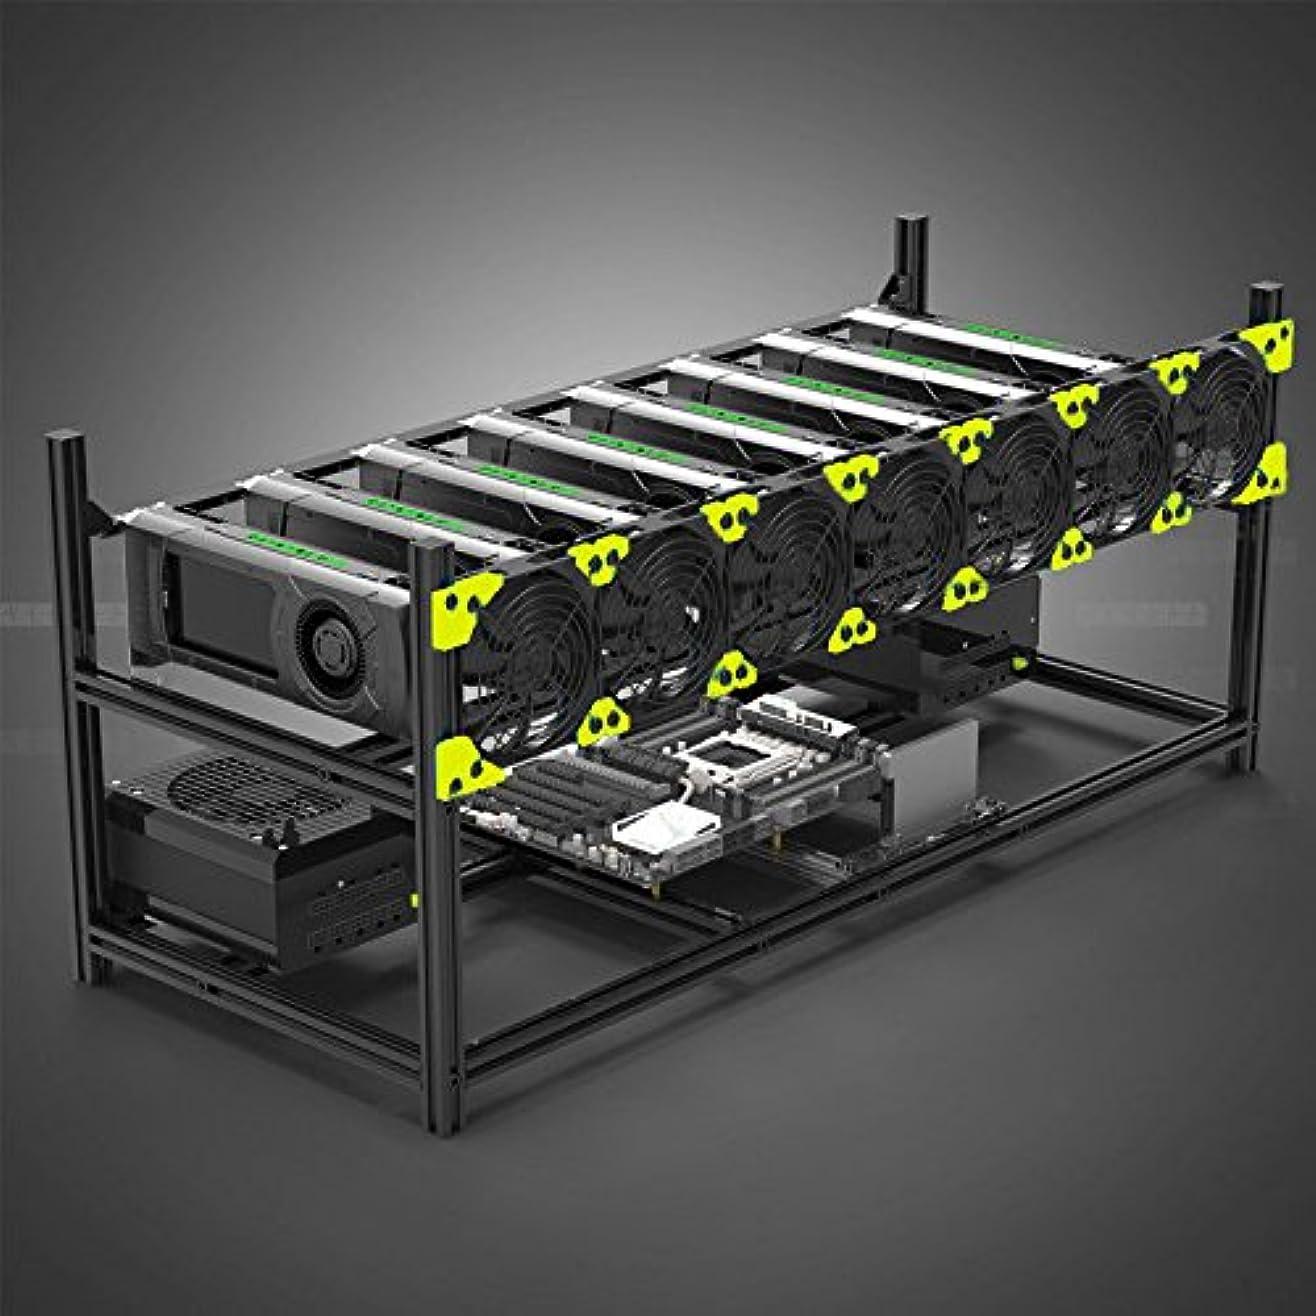 減衰洞窟ロッカー8 GPUマイナーマイニングリグアルミスタッカブル野外マイニングケースコンピュータETHフレームリグ用bitconマイナーキット未組み立てEthereum